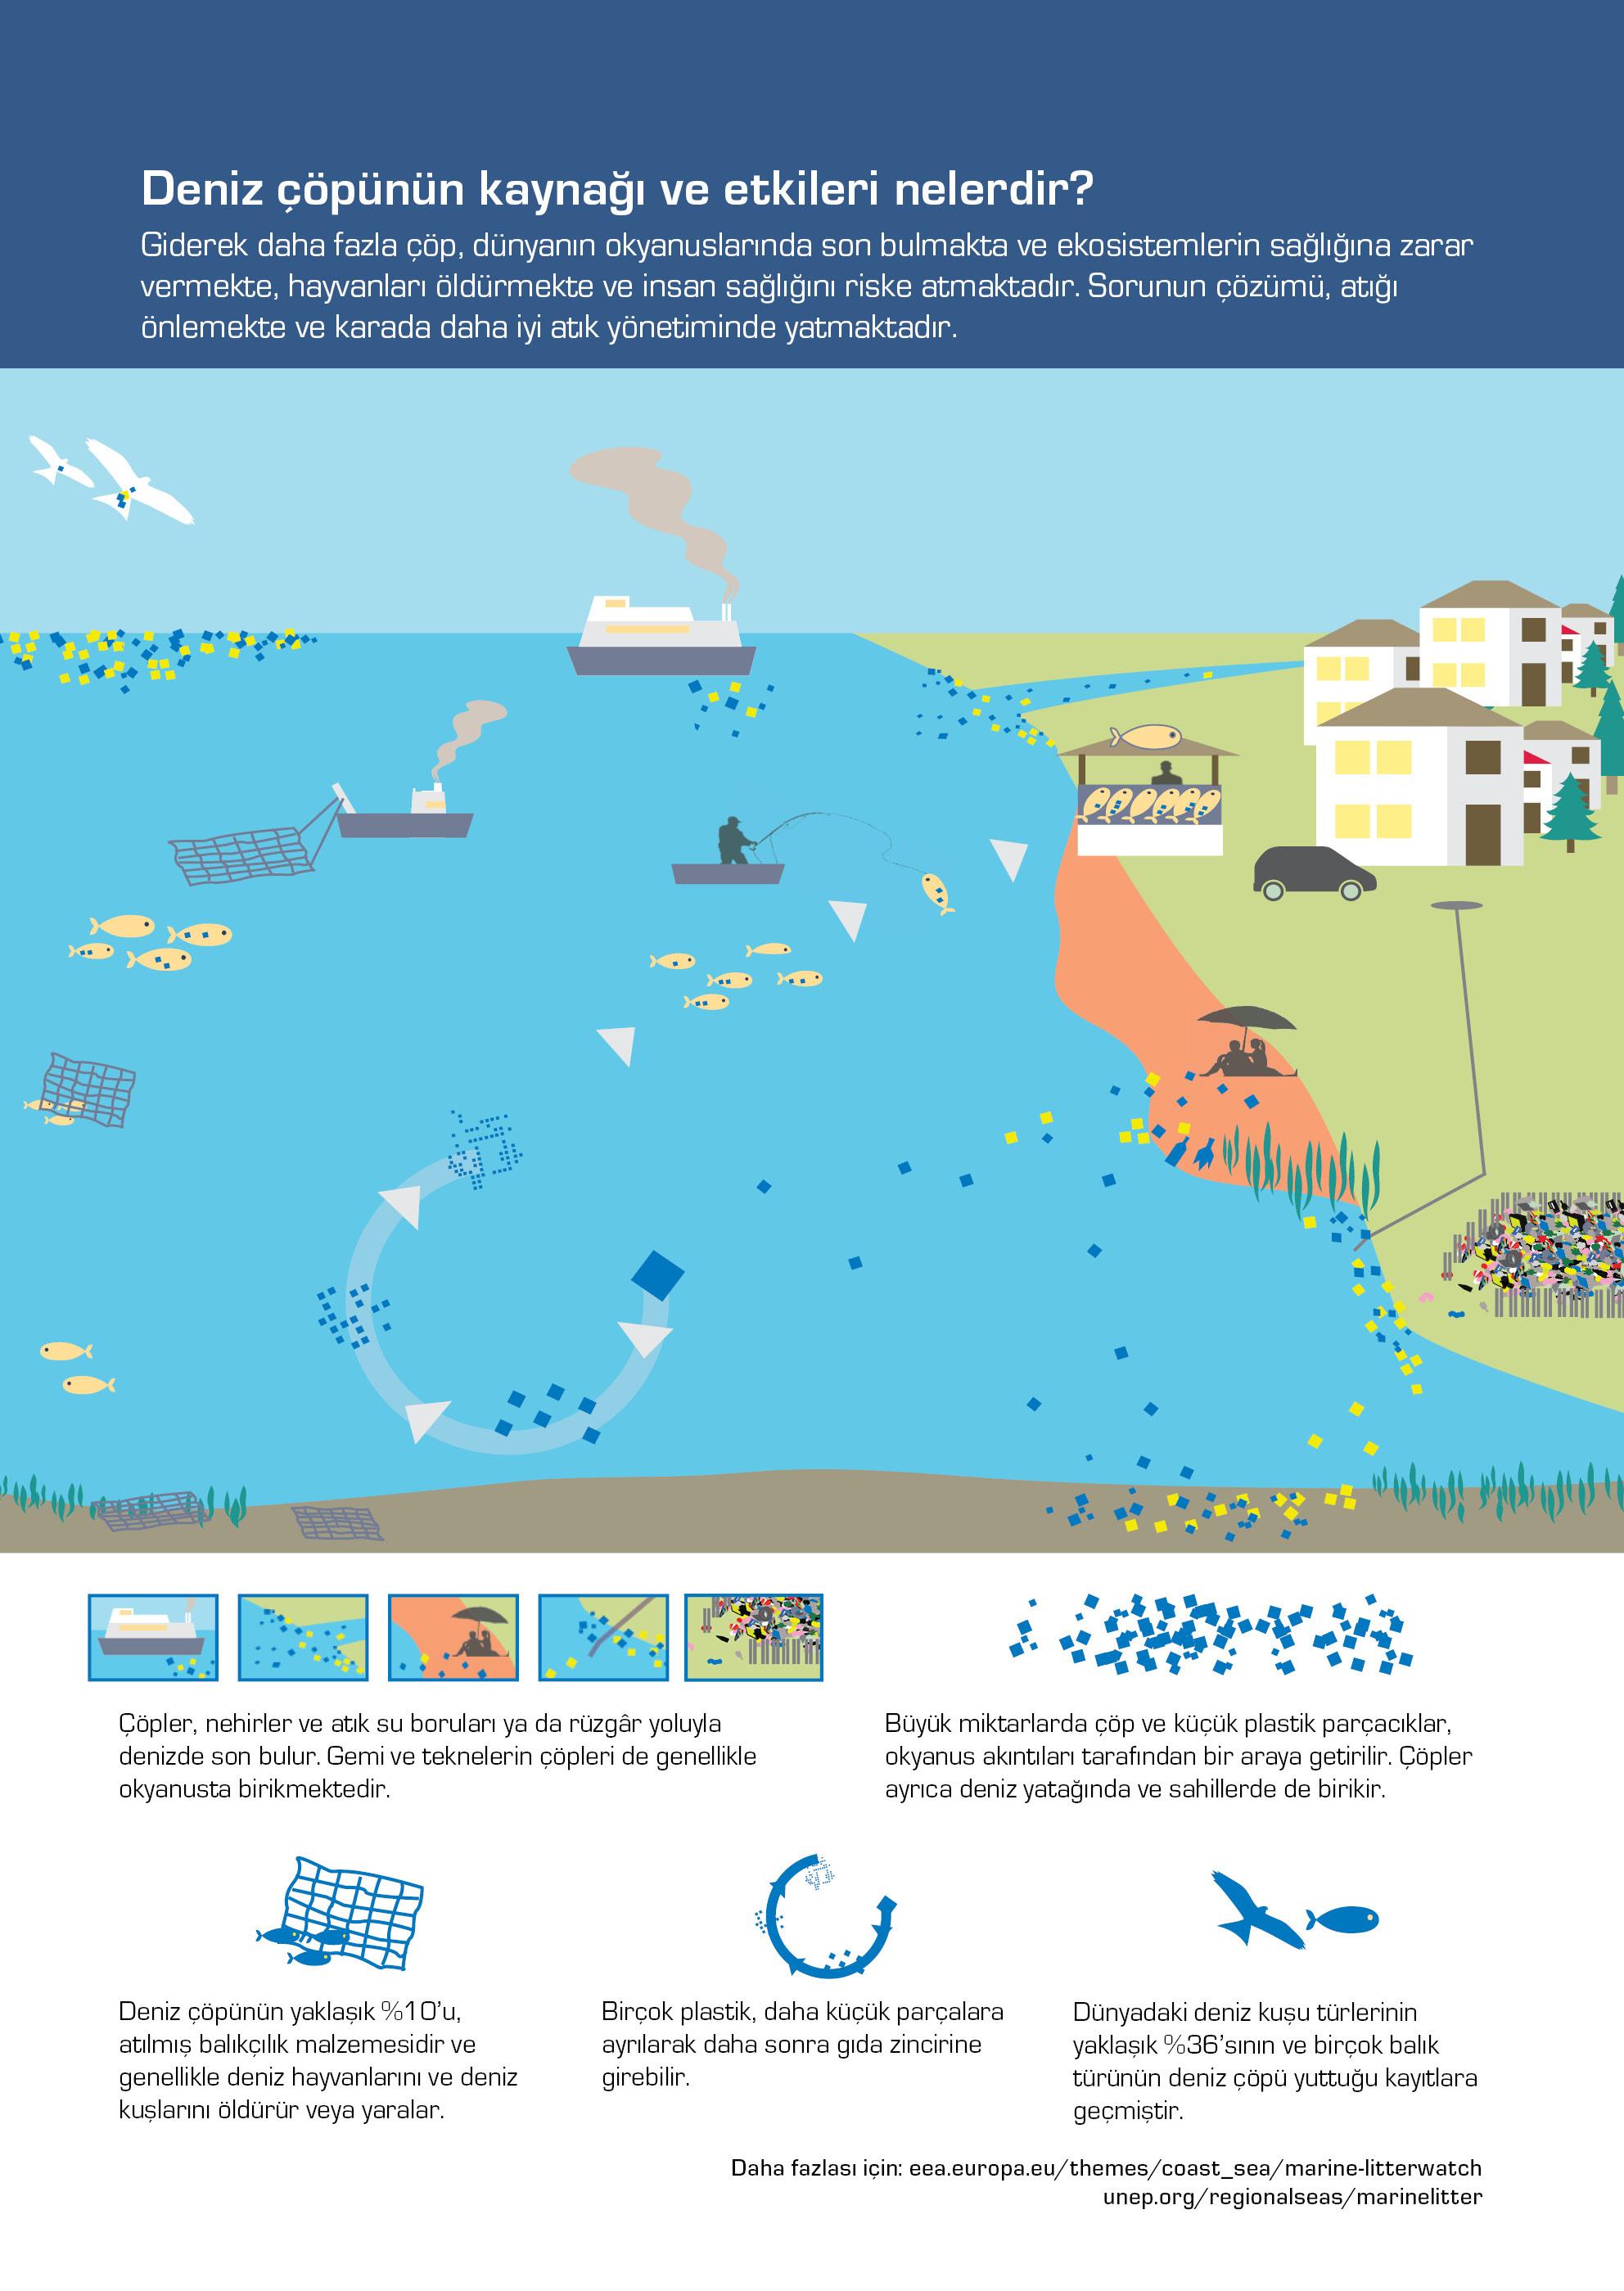 Deniz çöpünün kaynağı ve etkileri nelerdir?